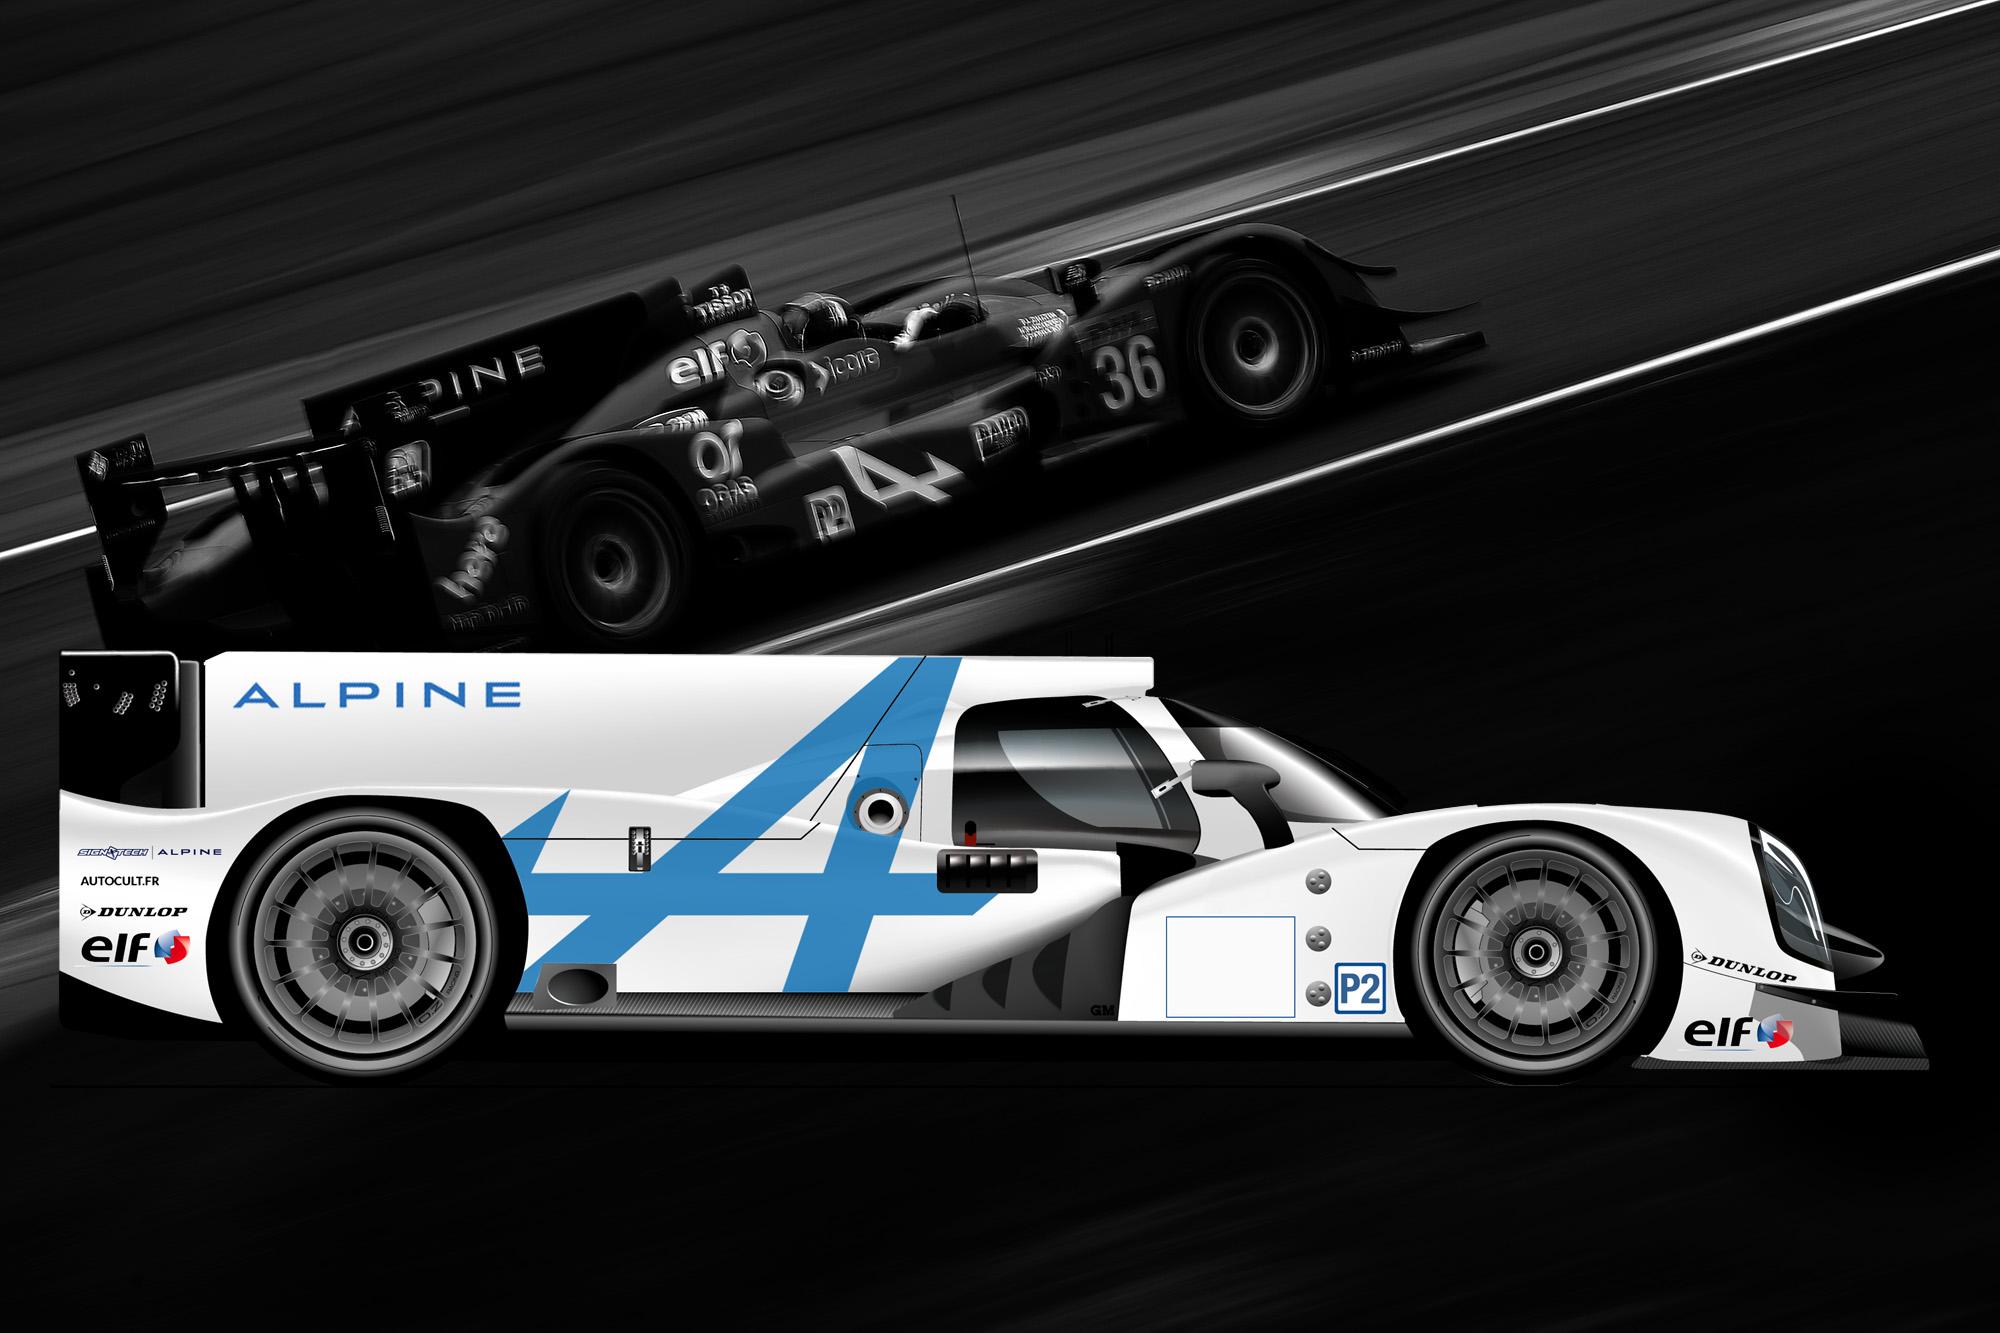 Alpine Renault Oreca LMP2 2016 FIA WEC ELMS